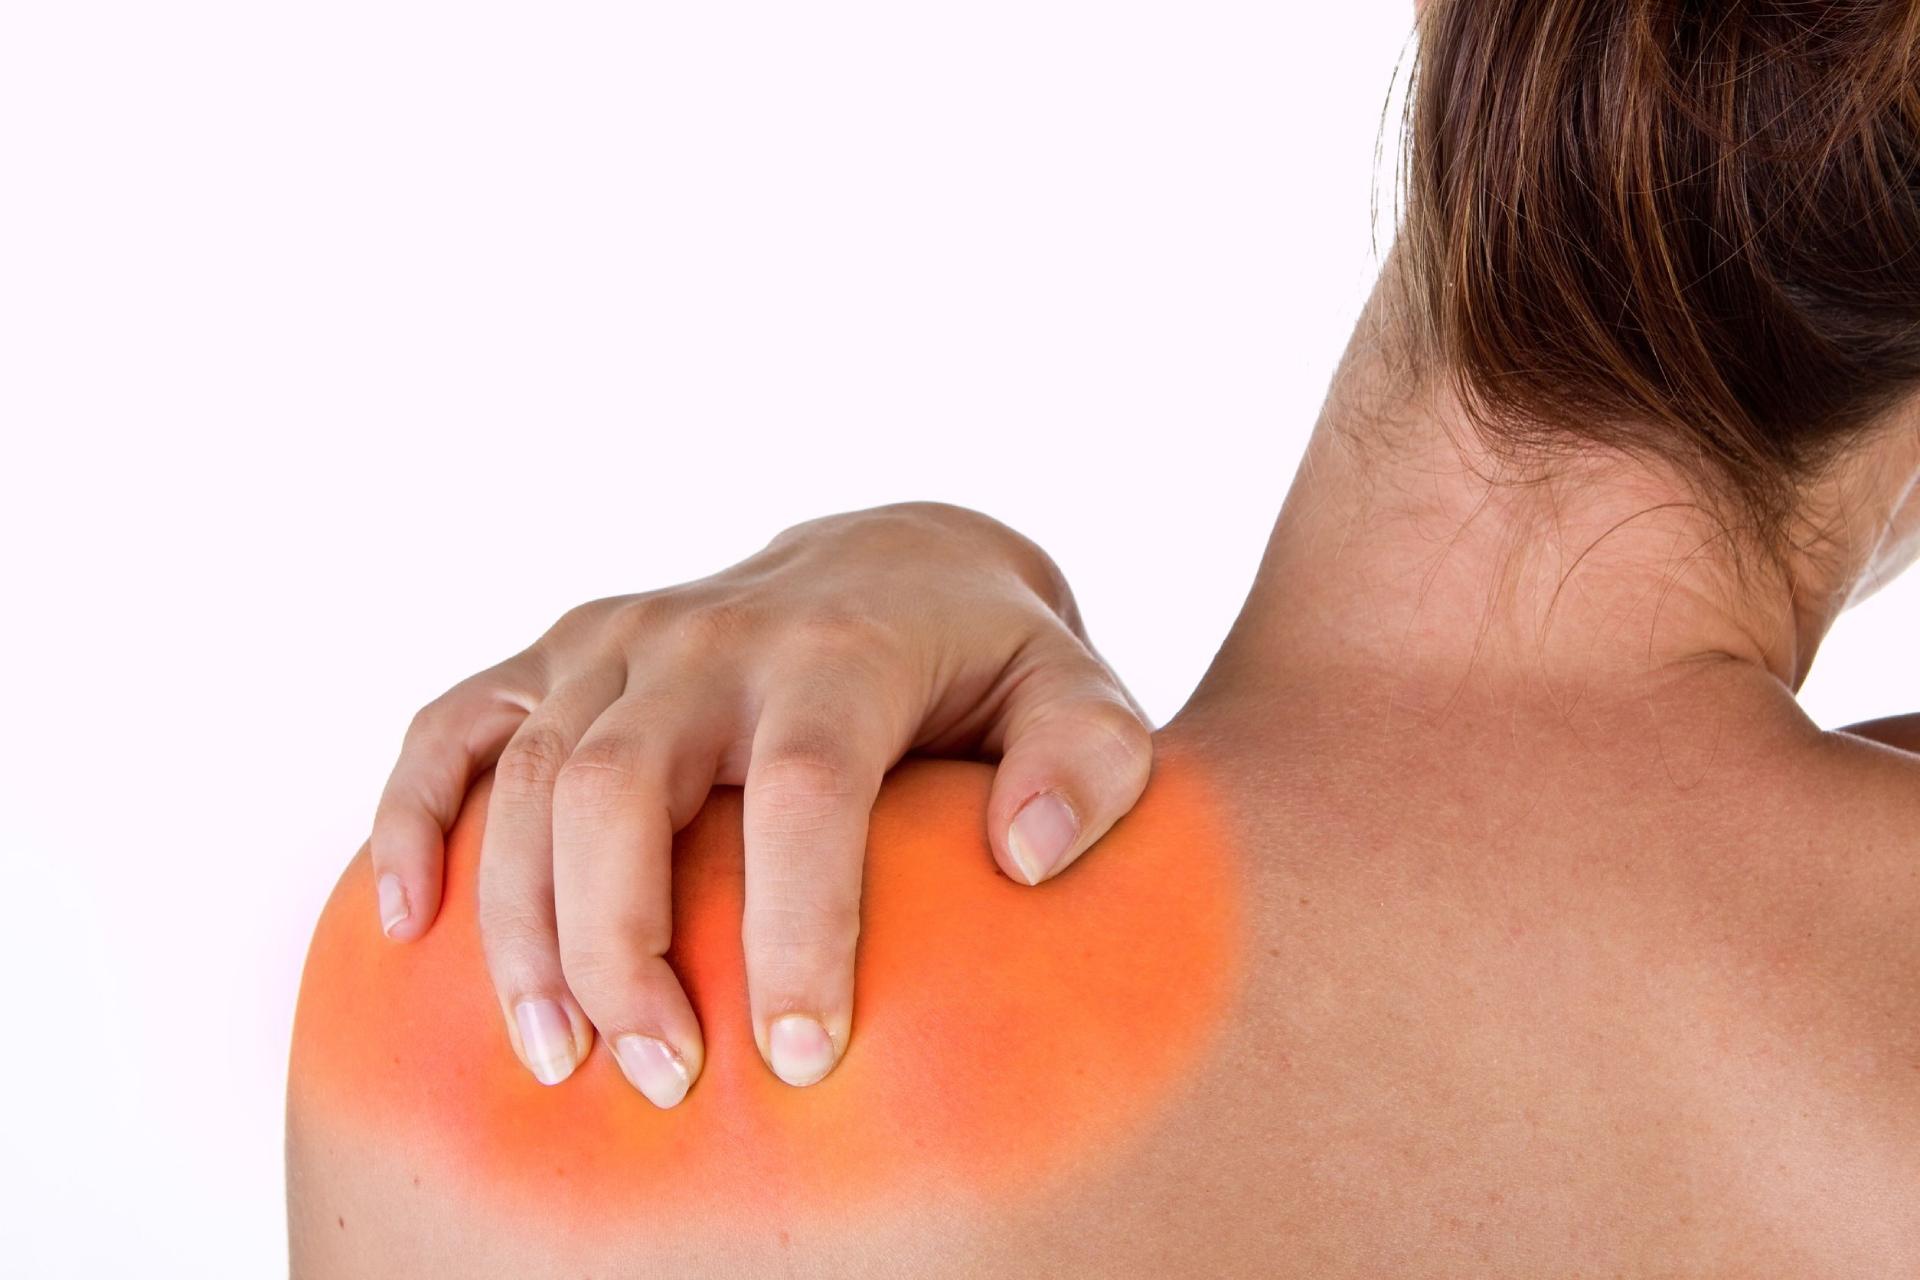 Una paziente soffre di dolori alla spalla che potrebbe curare con una terapia ad onde d'urto